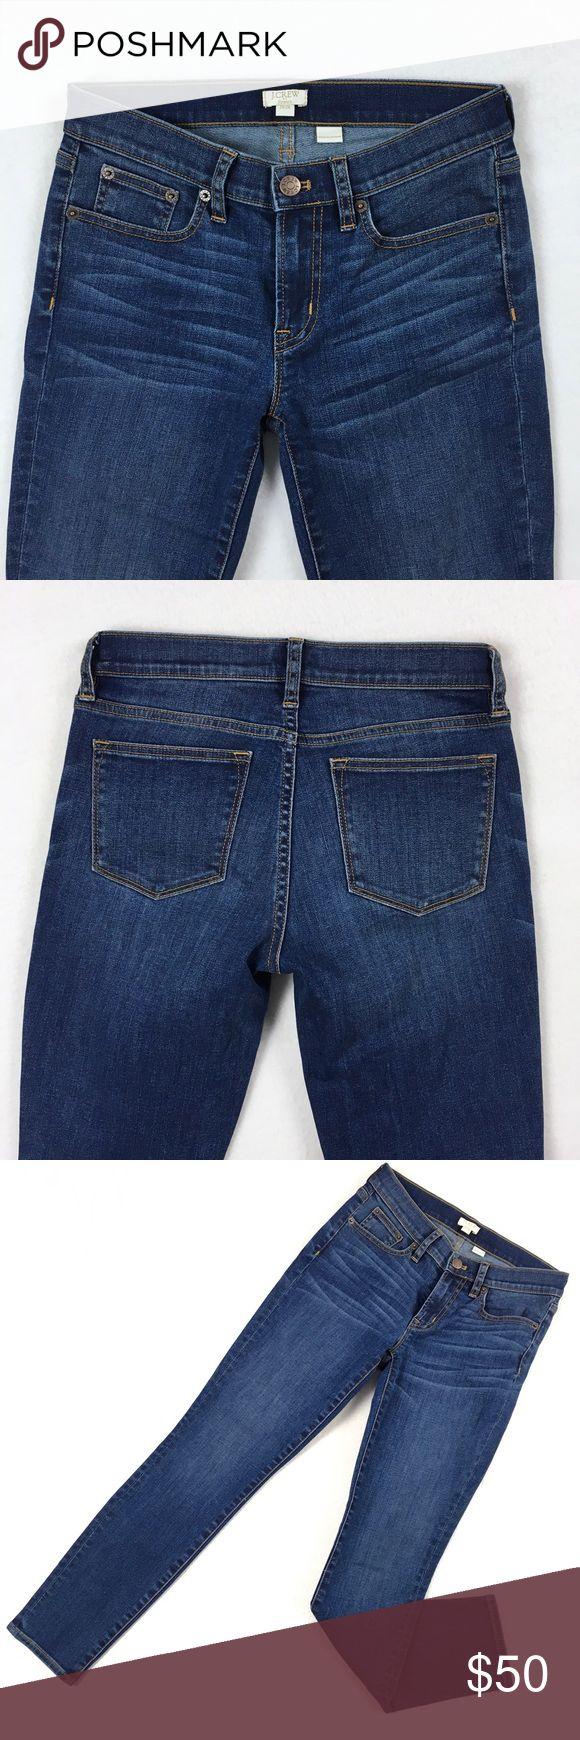 """J. Crew Stretch Skinny Jeans NWOT J. Crew Factory Stretch Skinny jeans.  New without tags.  Flat lay measurements: waist 13 1/2"""", inseam 27"""". J. Crew Factory Jeans Skinny"""